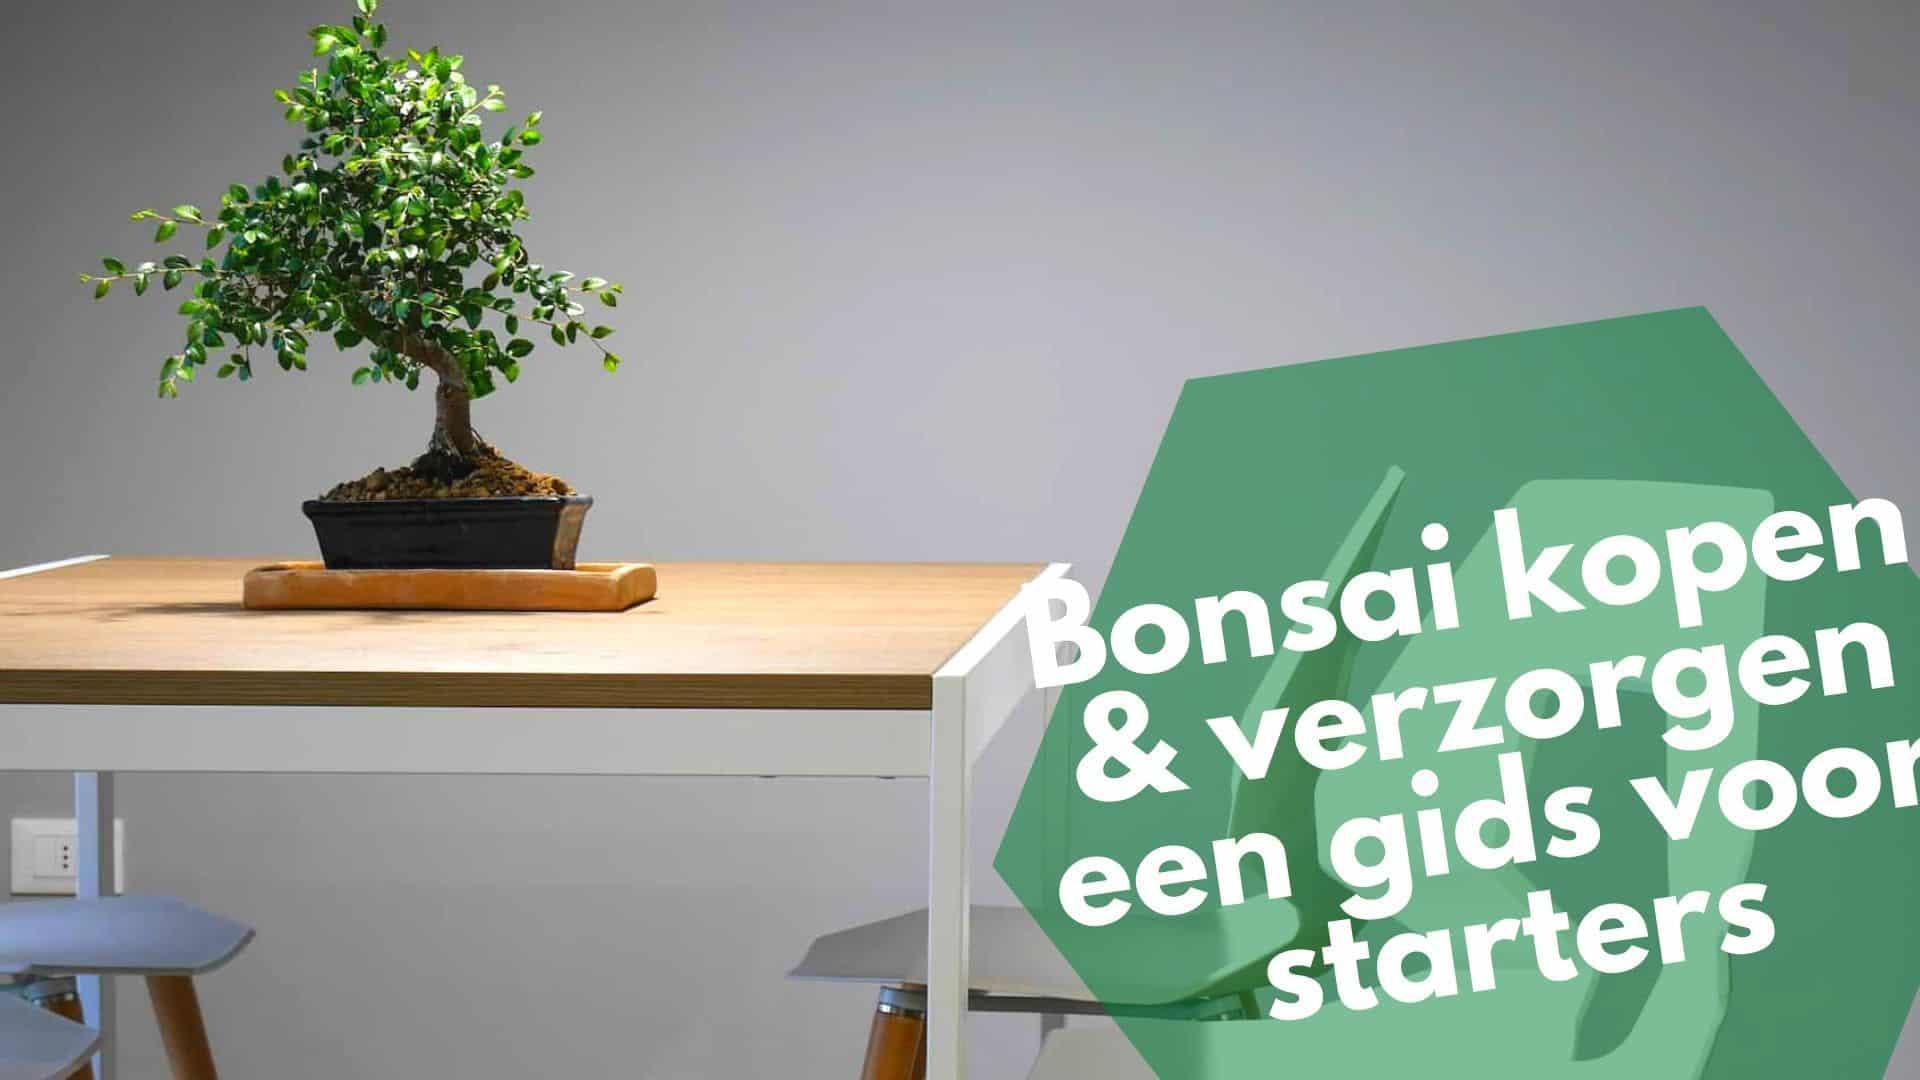 Bonsai kopen & verzorgen | 7 must-have bonsai tools voor starters